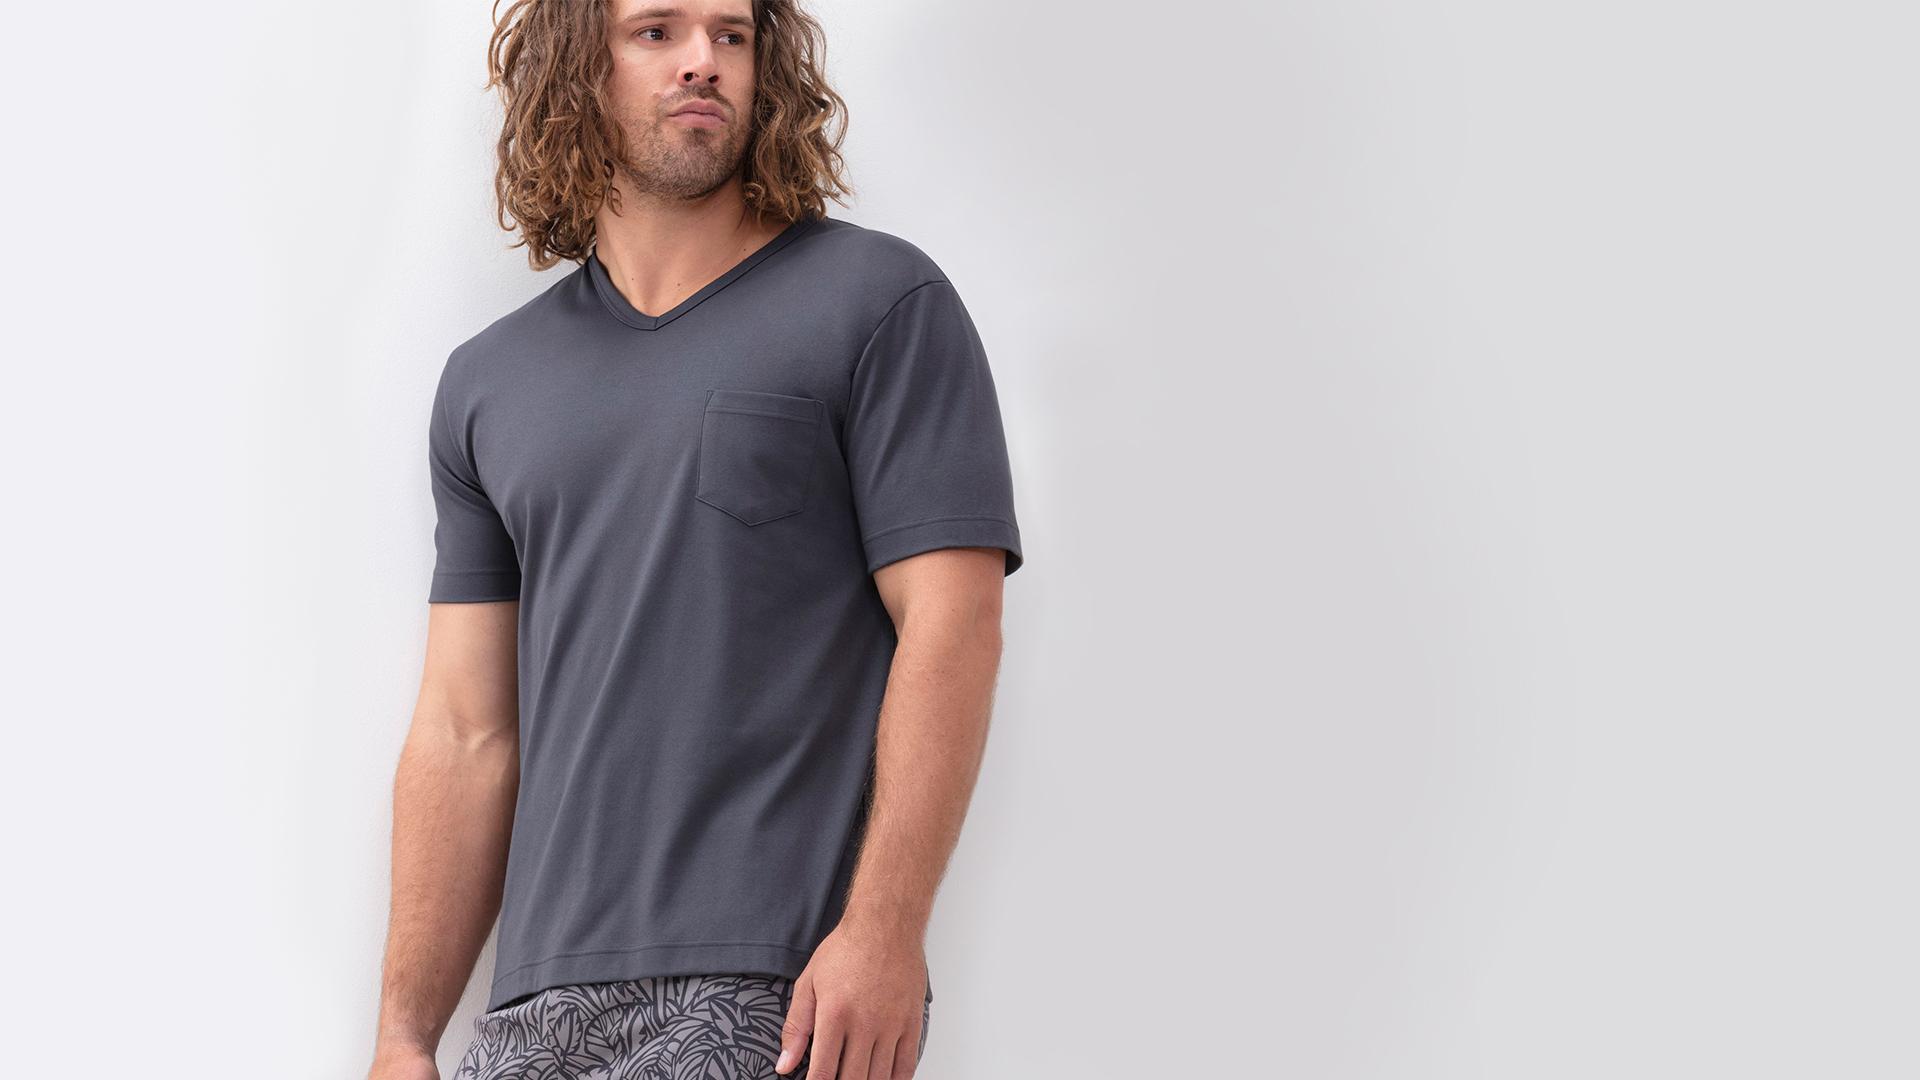 Bequeme Pyjamas für erholsame Nächte | mey®